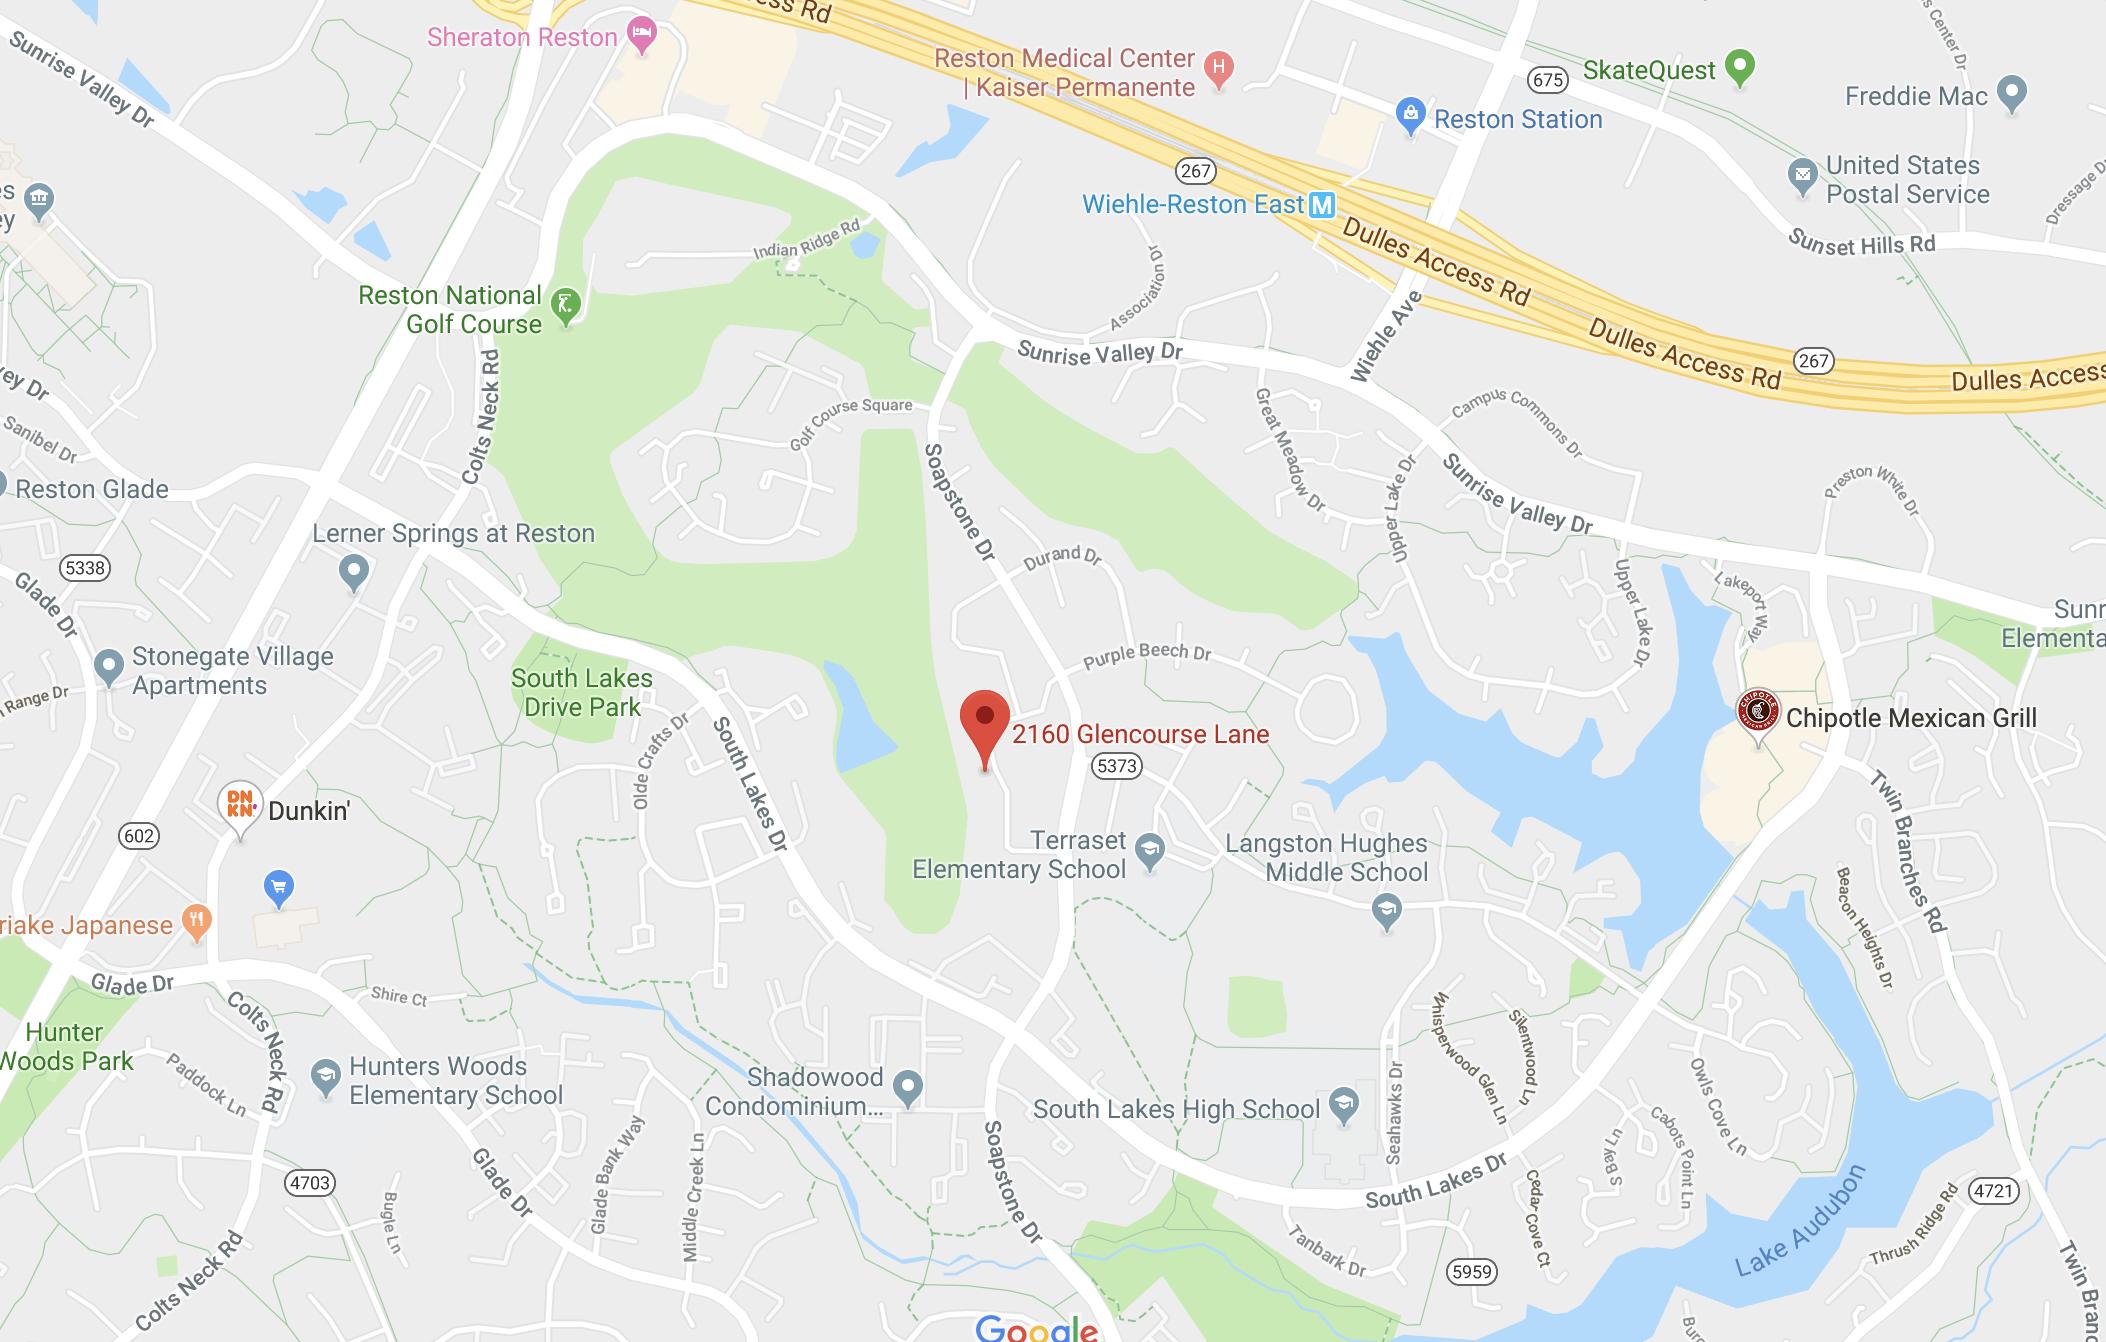 2160 Glencourse Ln, Reston - Map